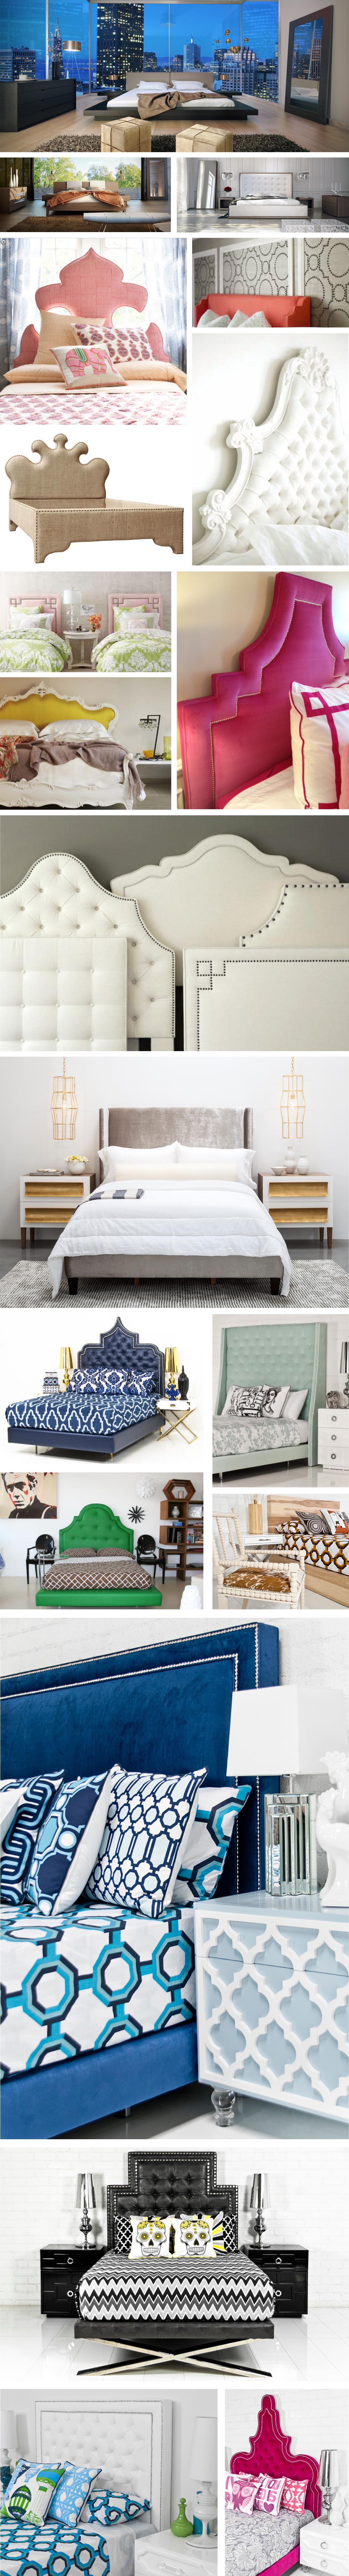 Modern Beds_1.17.14